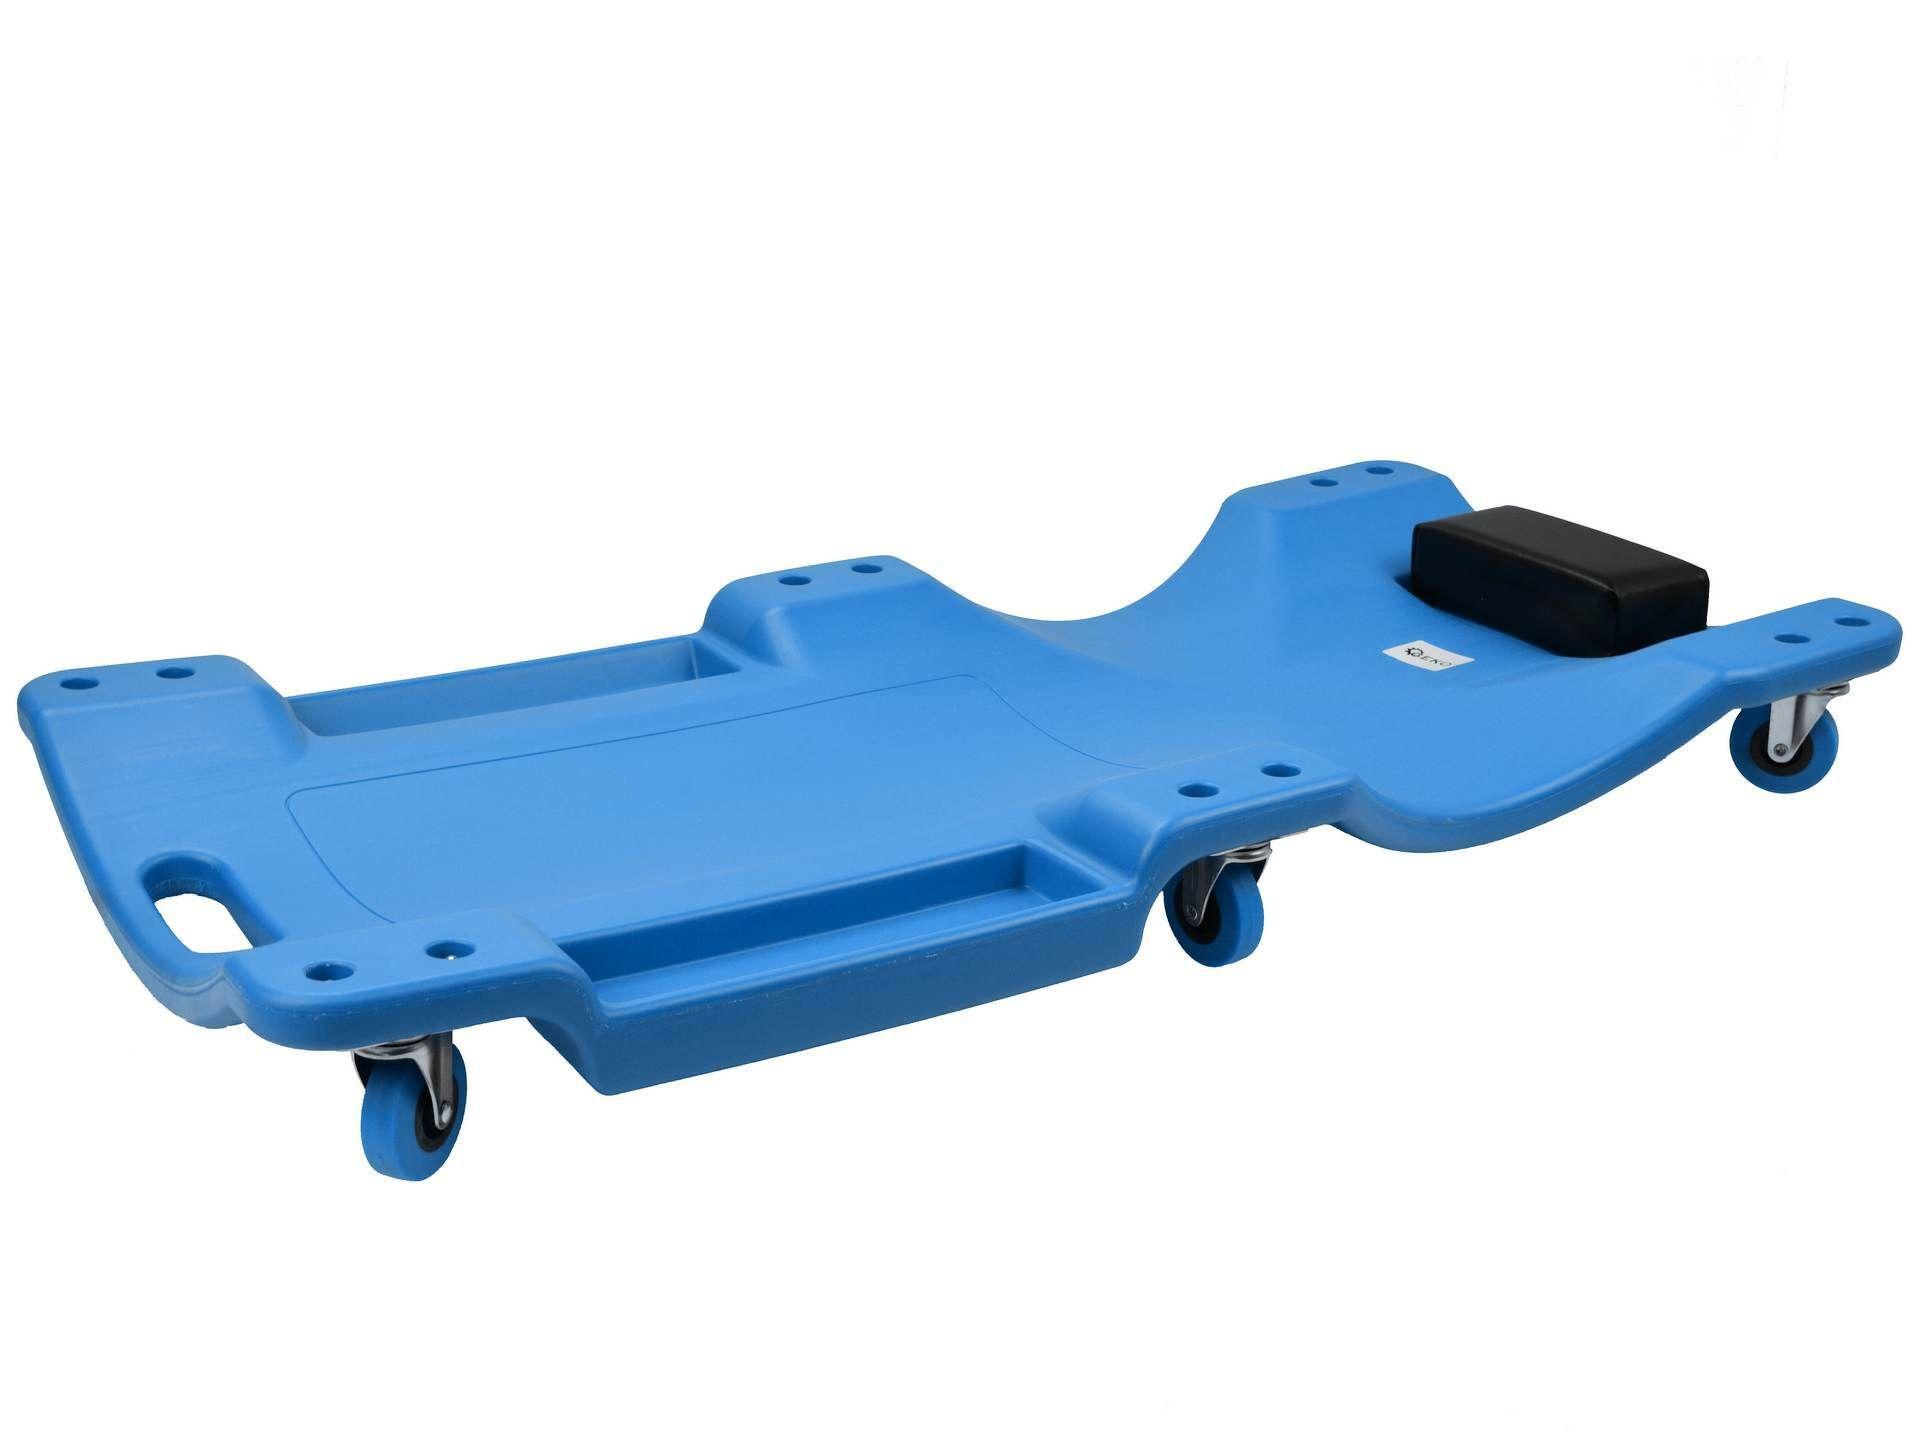 Plastové lehátko, 99,5x46,7x10,5cm, 6 kol - bez krabice